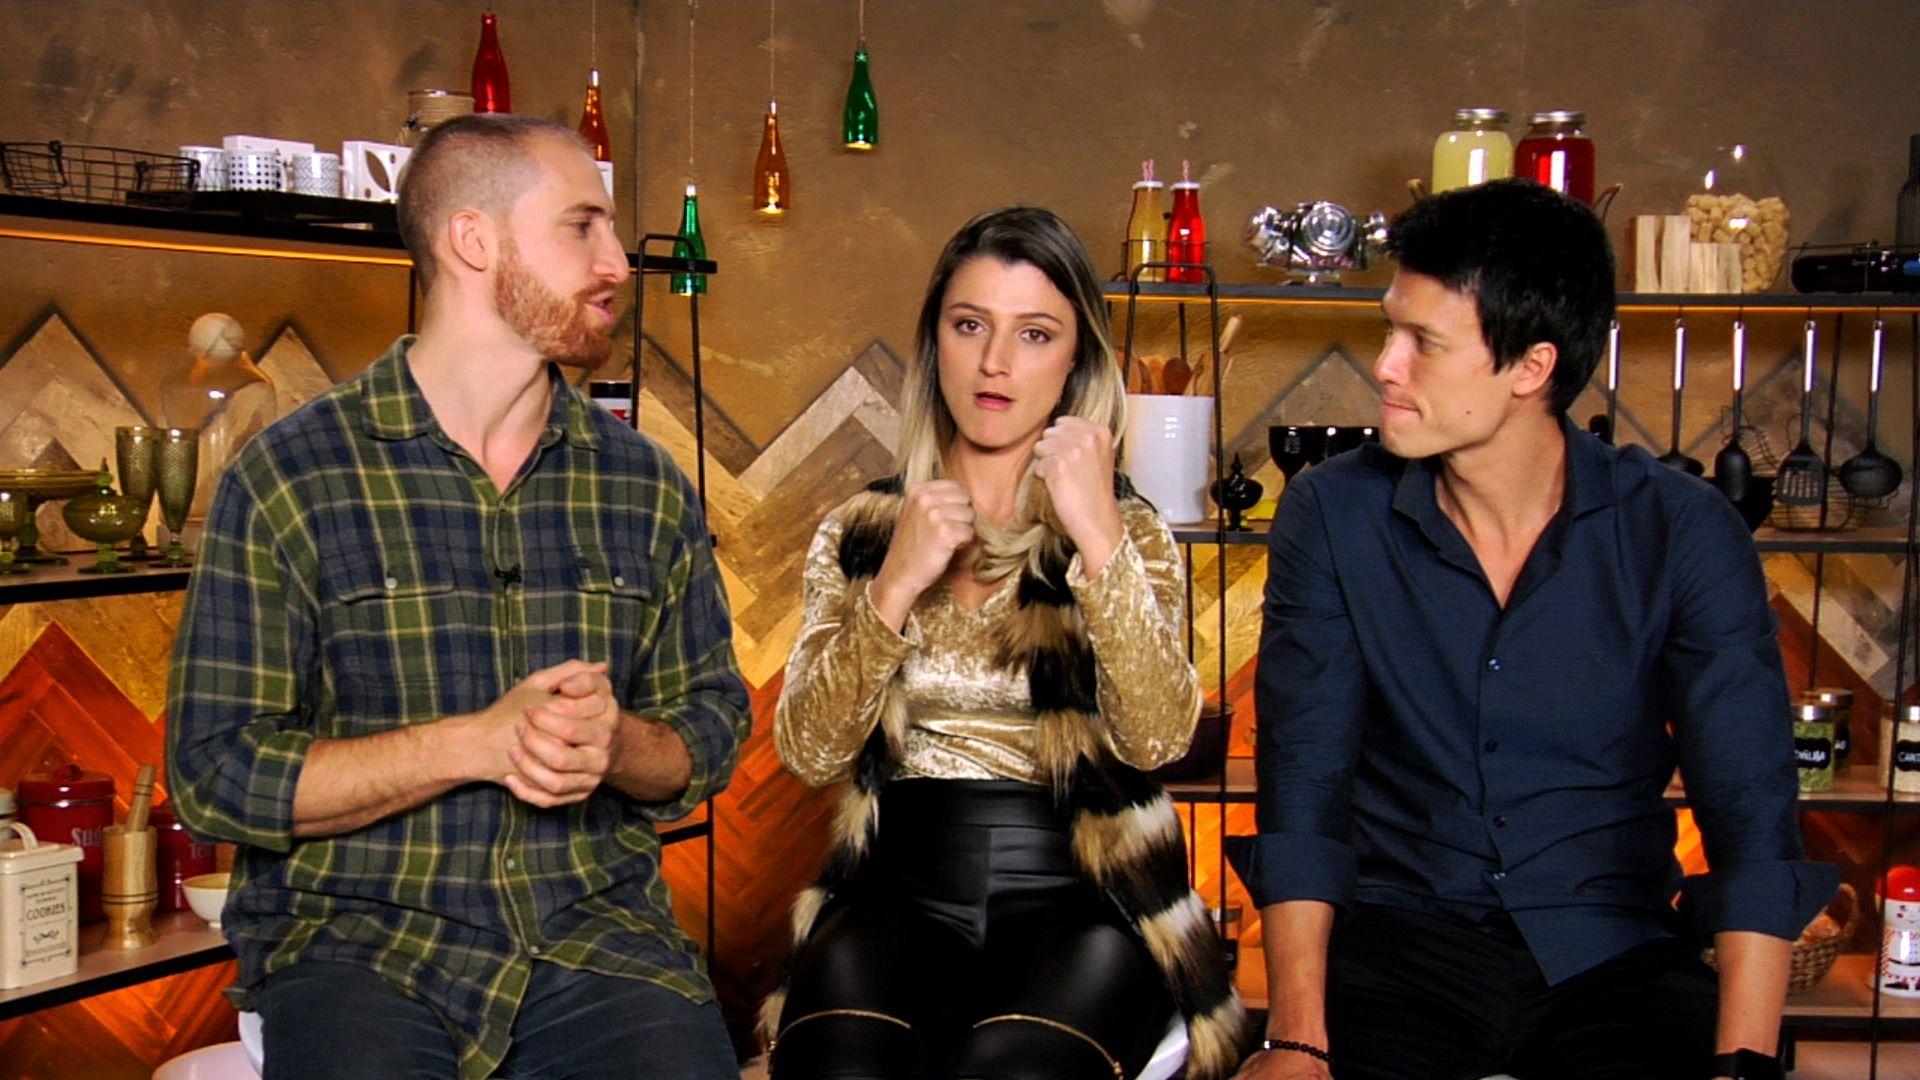 Exclusivo: Taise revela treta com Mirian nos bastidores